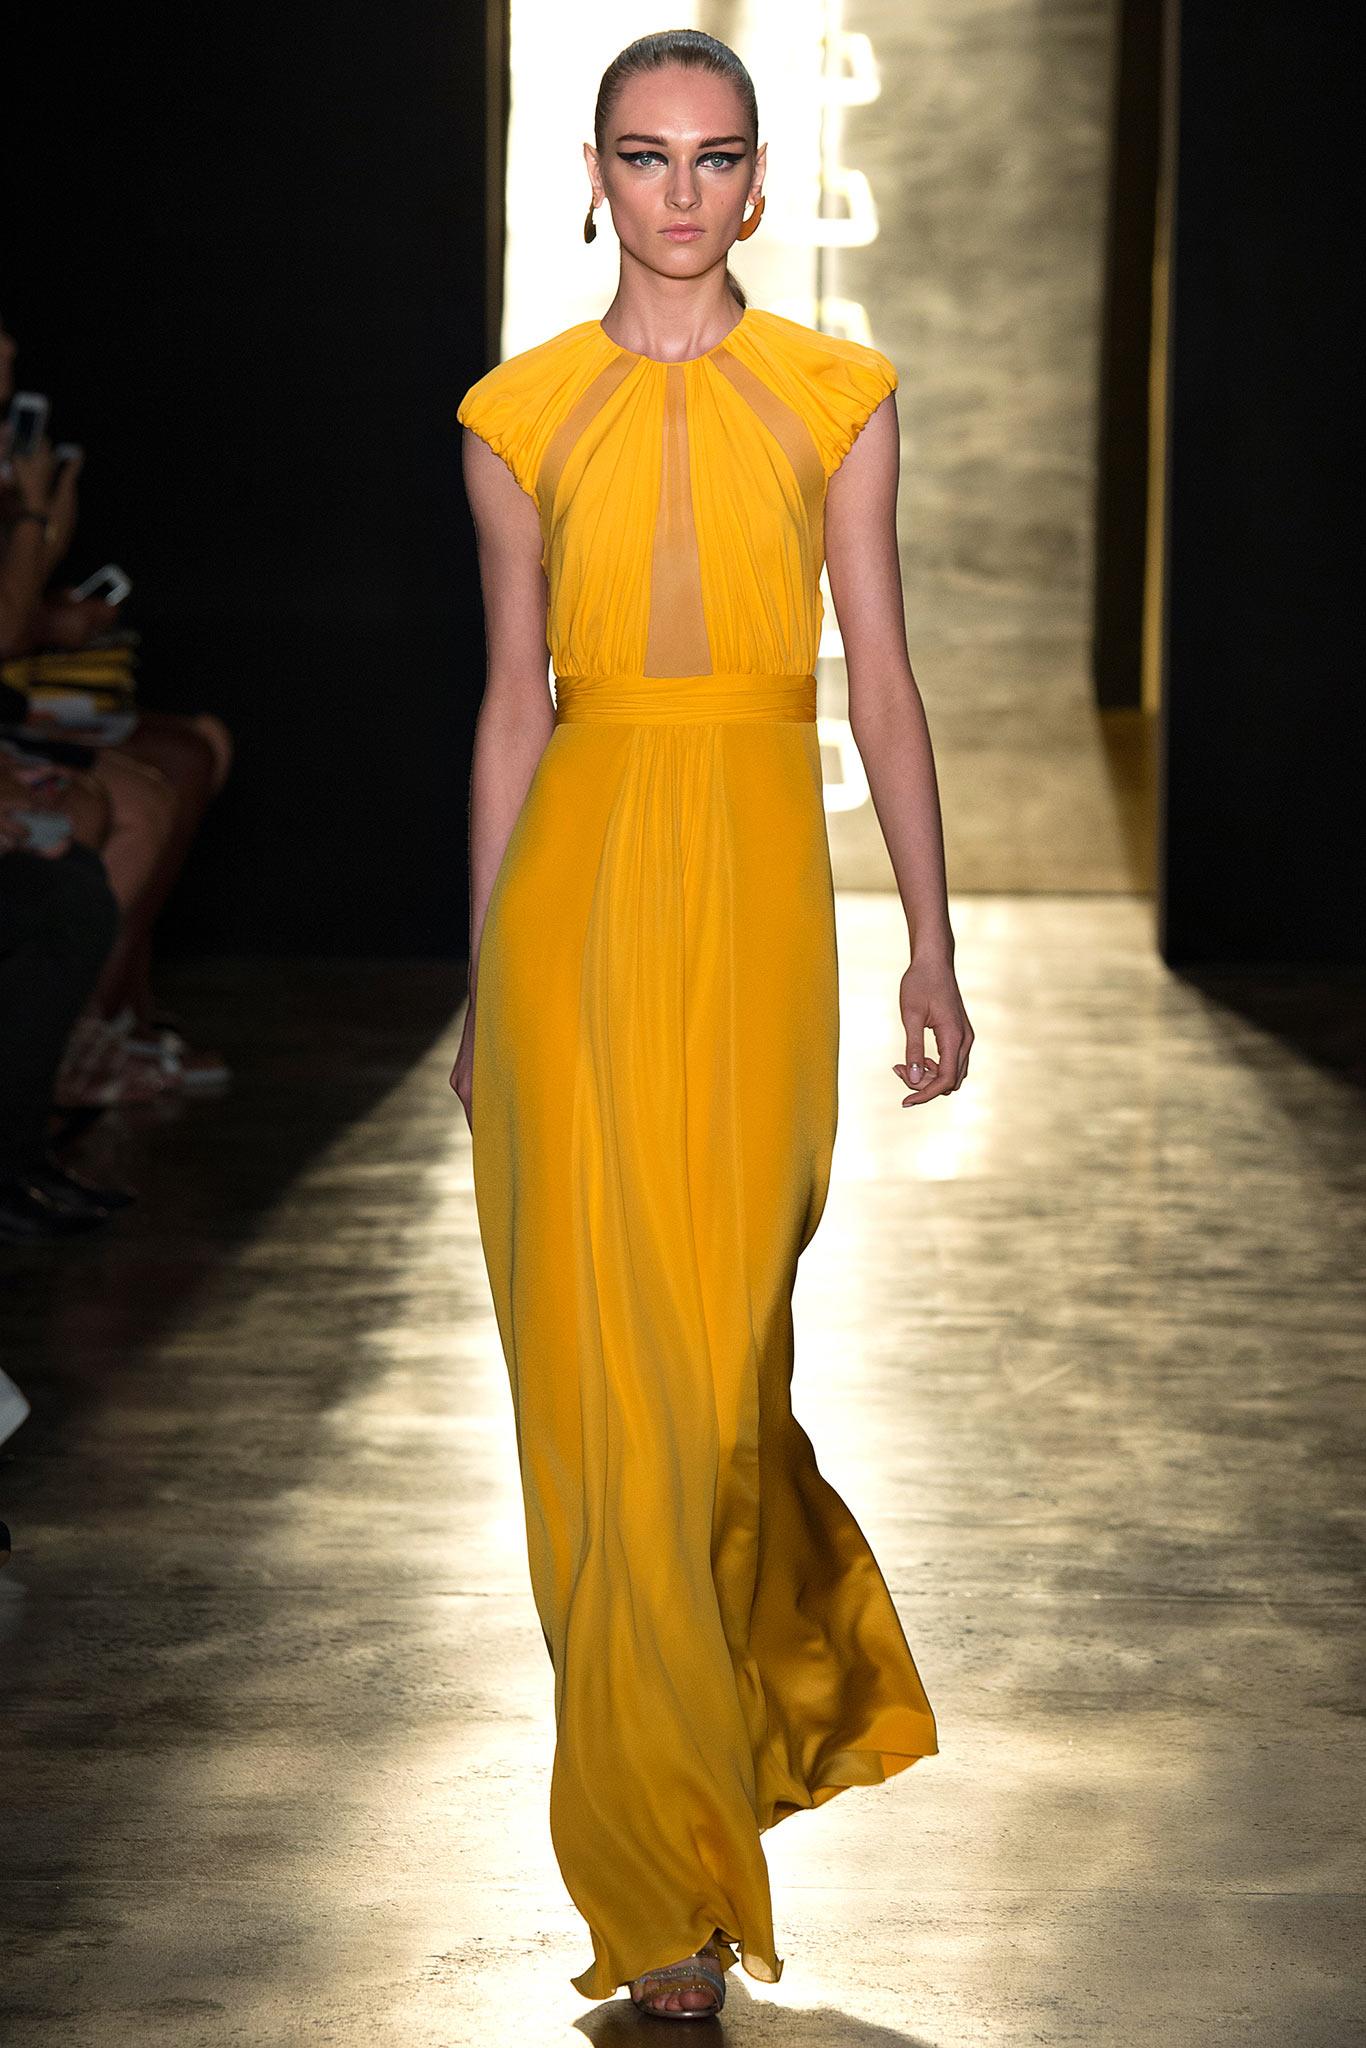 Už máte svoje plesové šaty 2015  Alebo stále hľadáte inšpiráciu  Plesová  sezóna je za dverami a teraz sa môžete pozrieť na večerné šaty 7958f86cb7